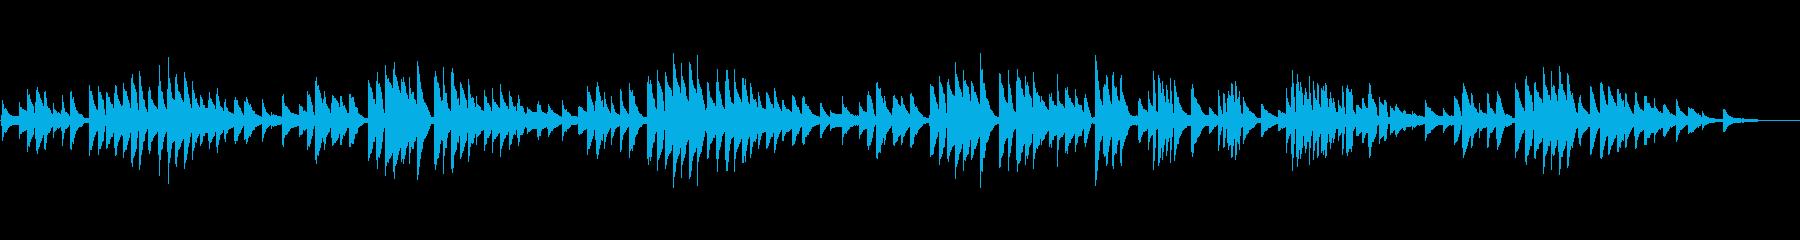 ベートーヴェン、11のバガテル、第4番の再生済みの波形